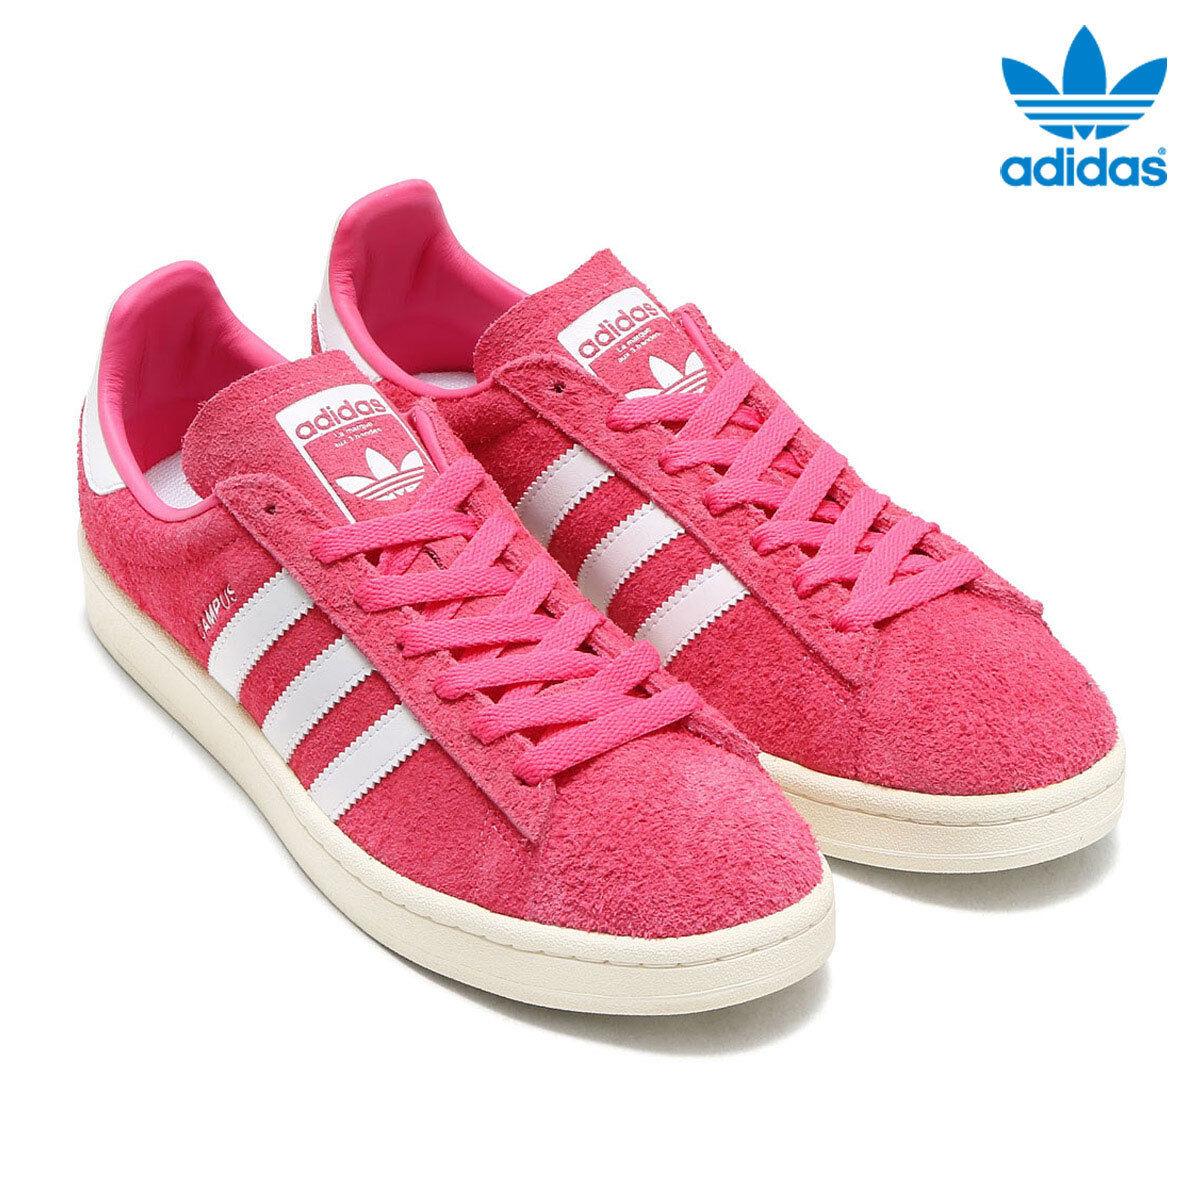 Adidas Campus Originals Samba Spezial Gazelle ZX ZX ZX Neu Gr:38 2/3 BZ0069 Pink Suede af071a